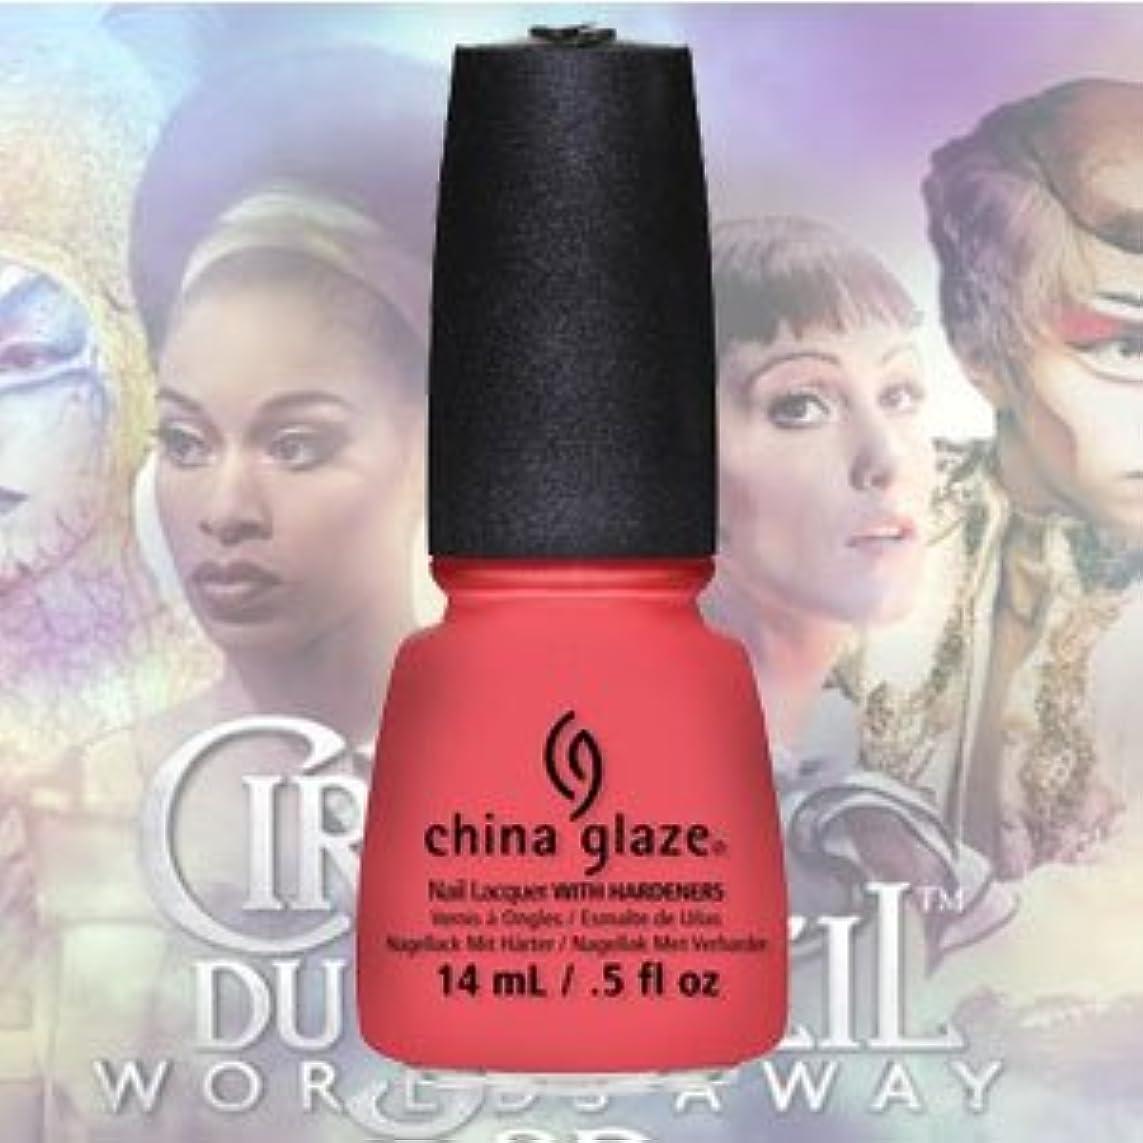 農業スタジアム鏡(チャイナグレイズ)China Glaze Surreal AppealーCirque Du Soleil コレクション [海外直送品][並行輸入品]